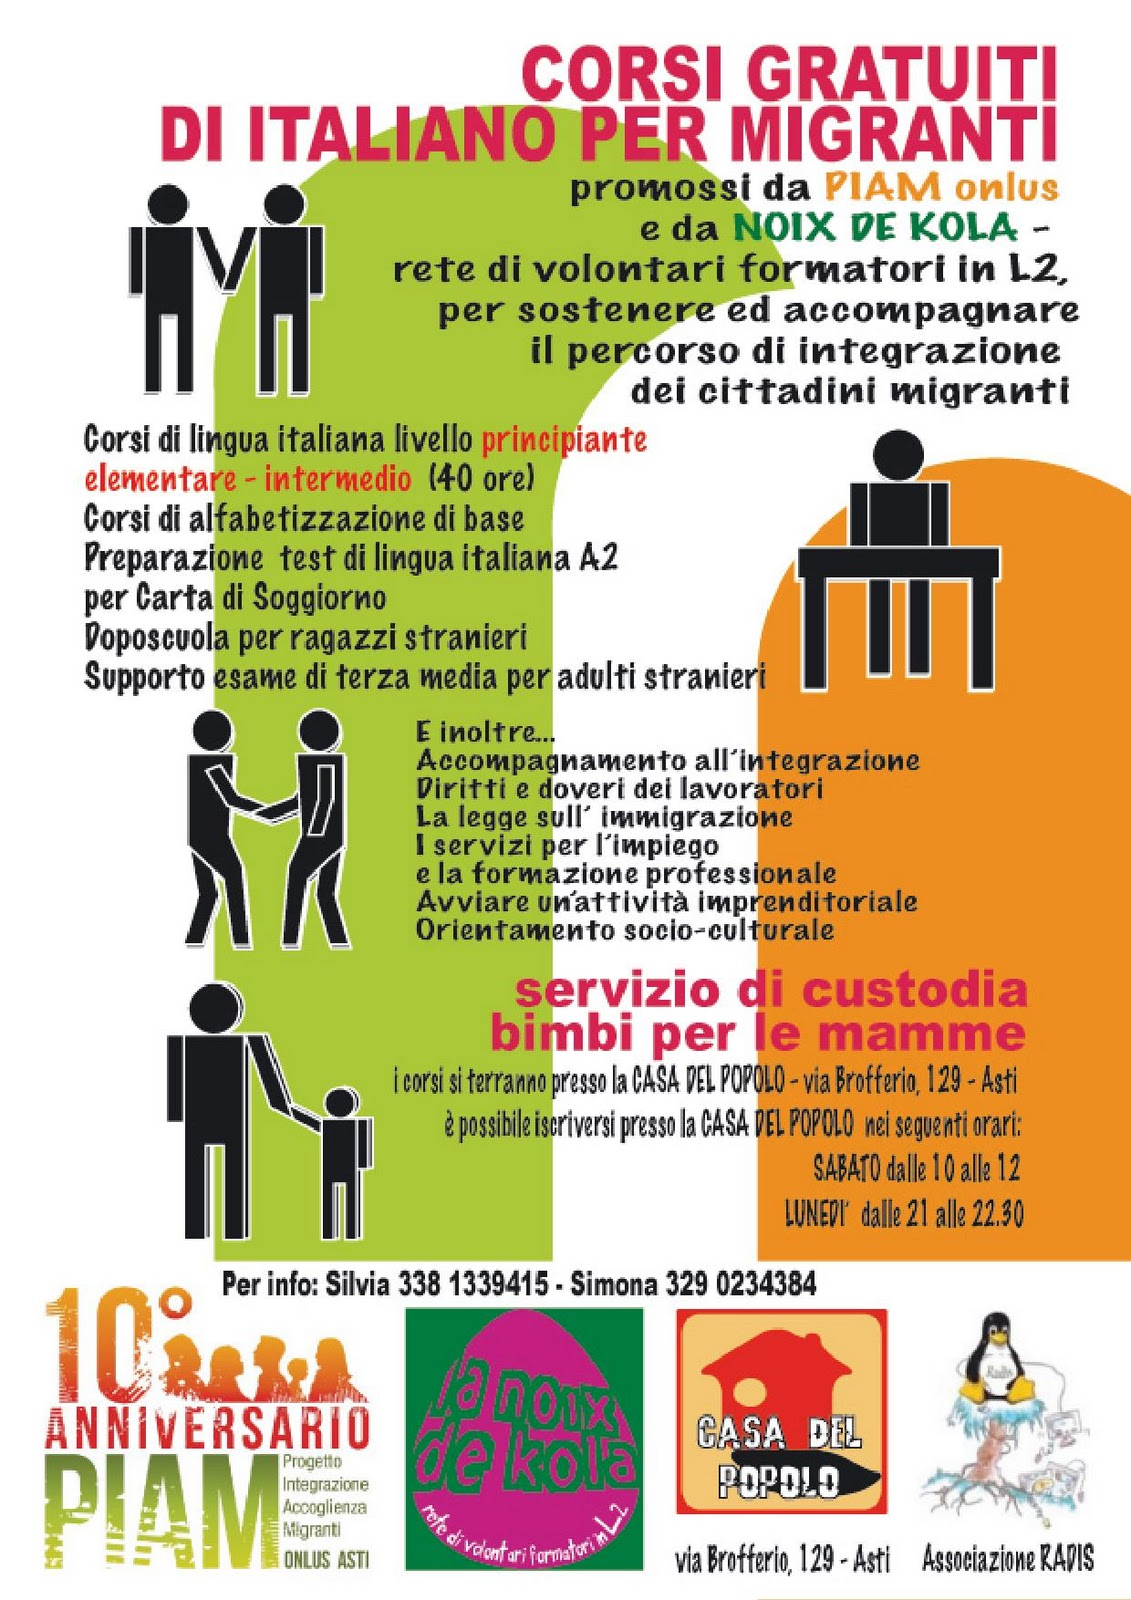 Piam onlus laboratorio sociale di lingua e integrazione for Test italiano per carta di soggiorno 2016